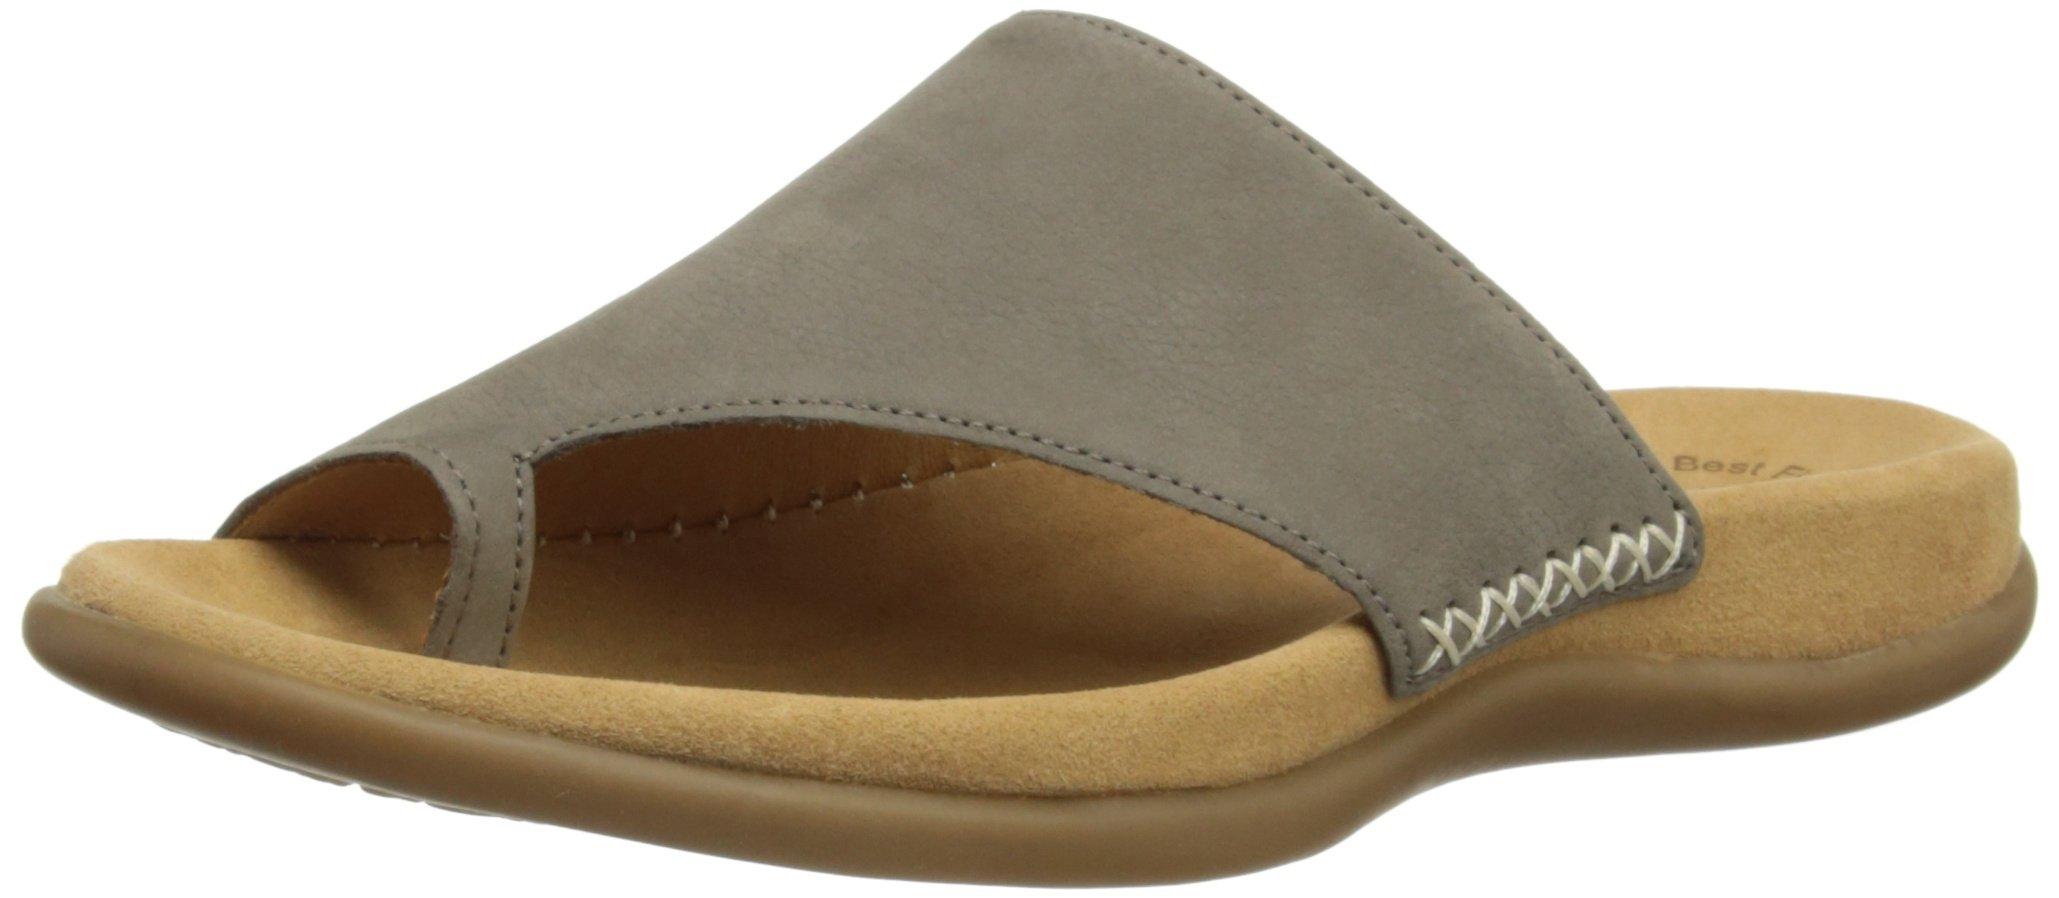 Shoes Uk Gabor 700 FemmeGrisfumo42 13Mules Eu8 63 kiuPXZ